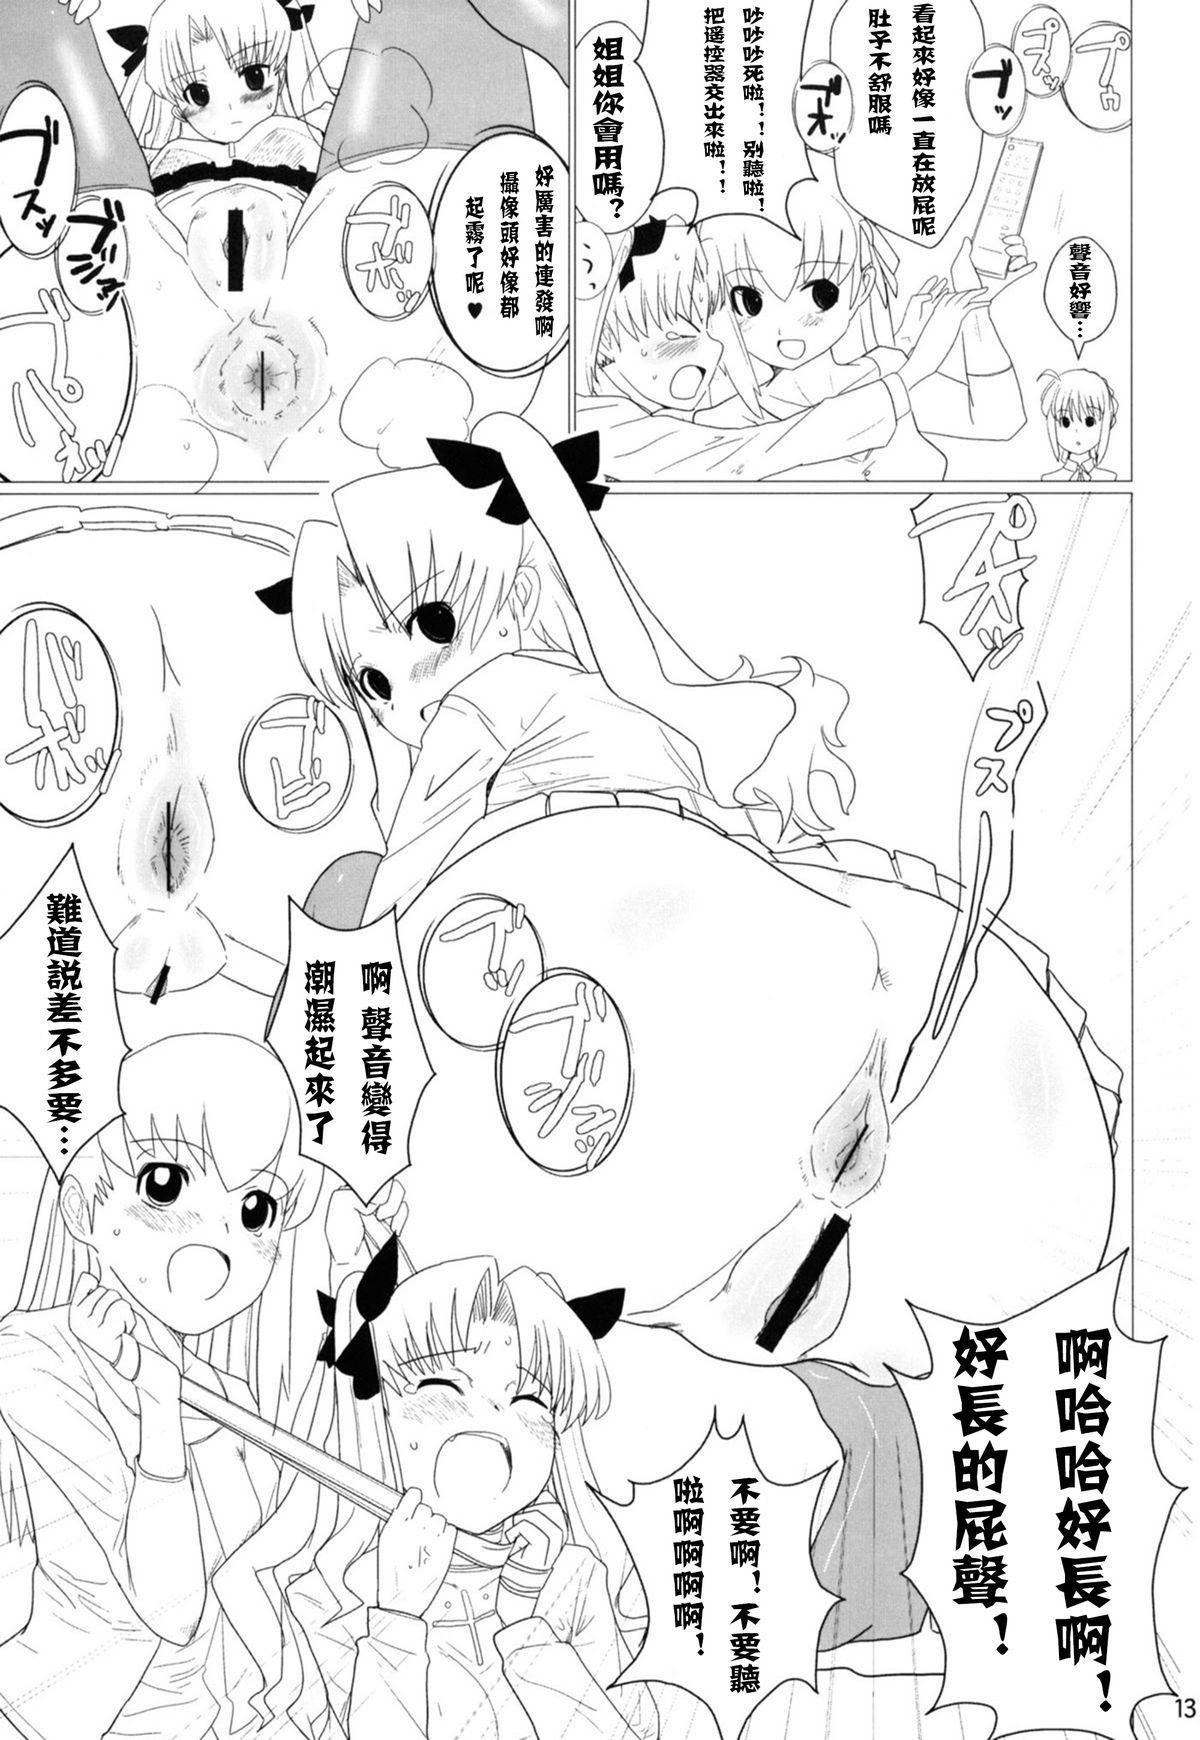 Itanshinmon Zettai Shikei 12